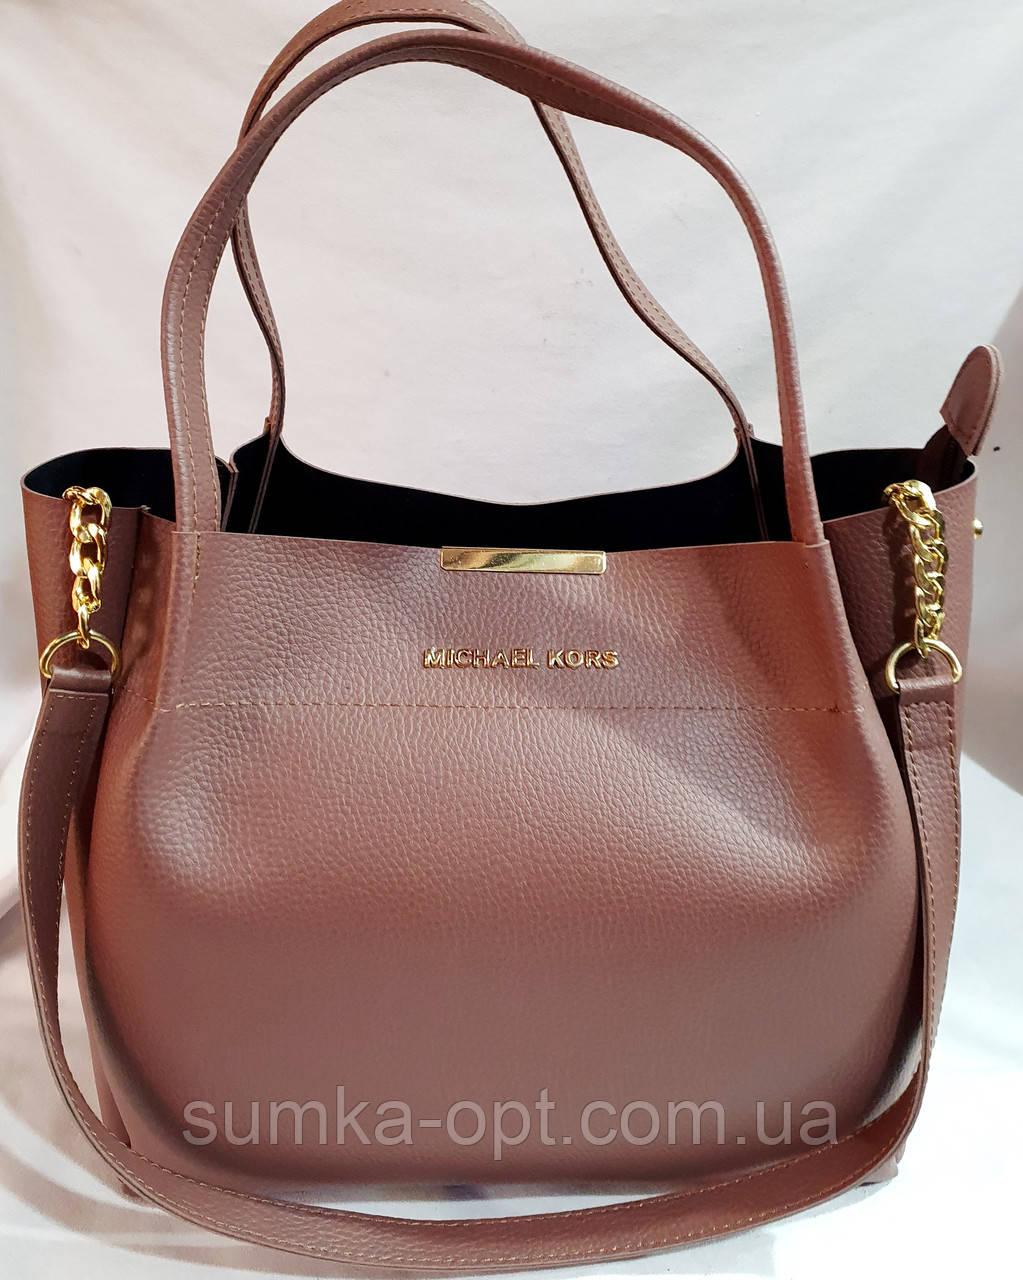 Брендовая женская сумка Michael Kors сиреневая  32*29 см